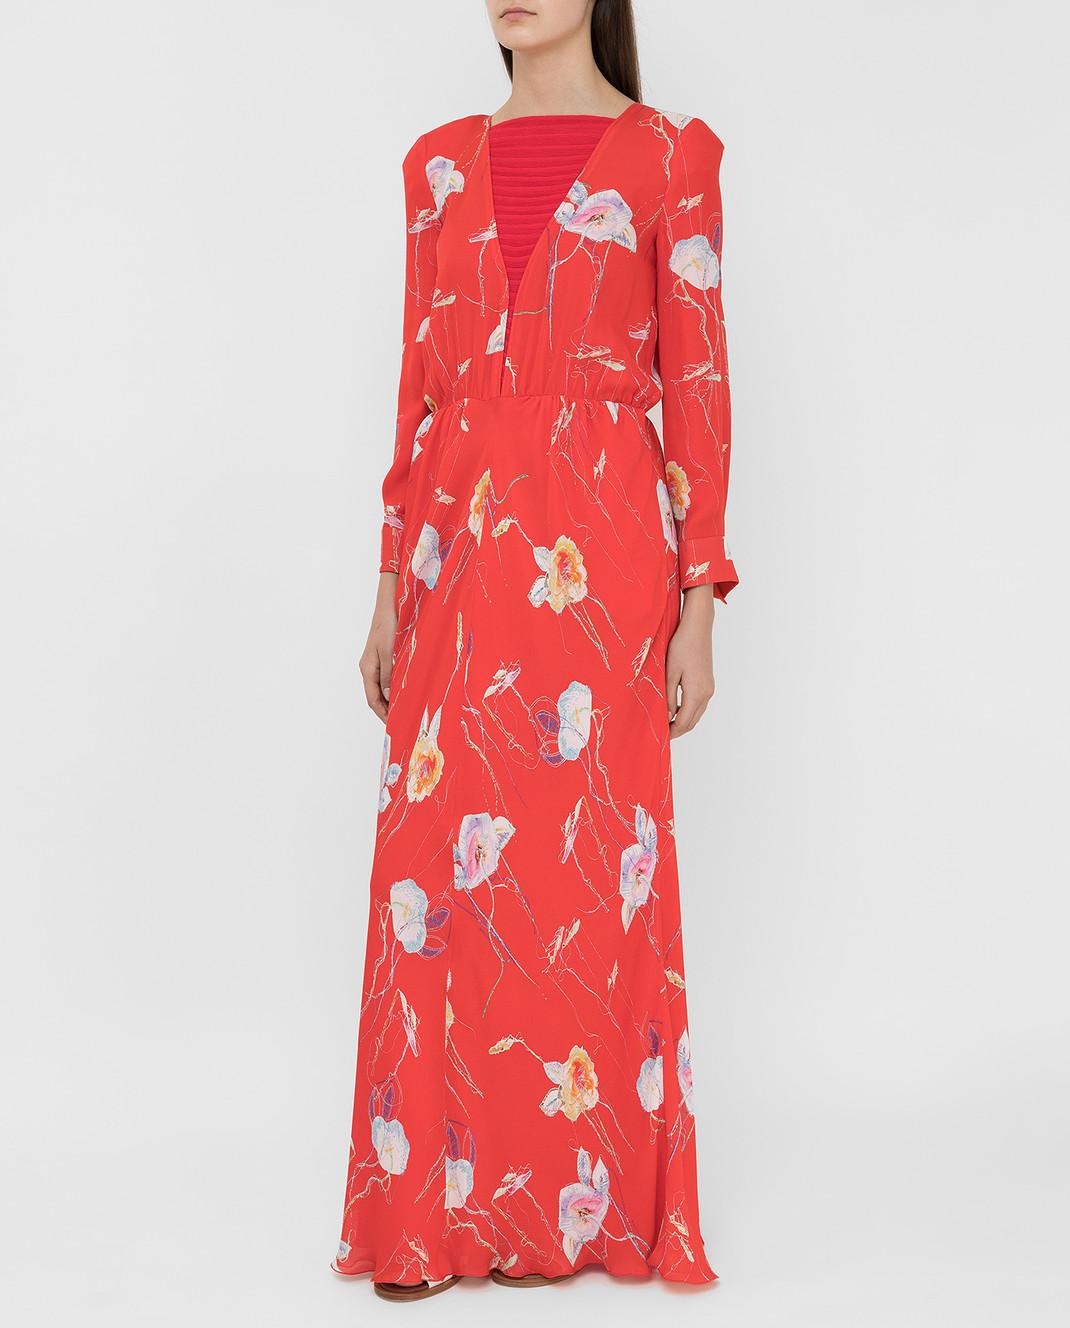 Armani Коралловое платье из шелка изображение 3